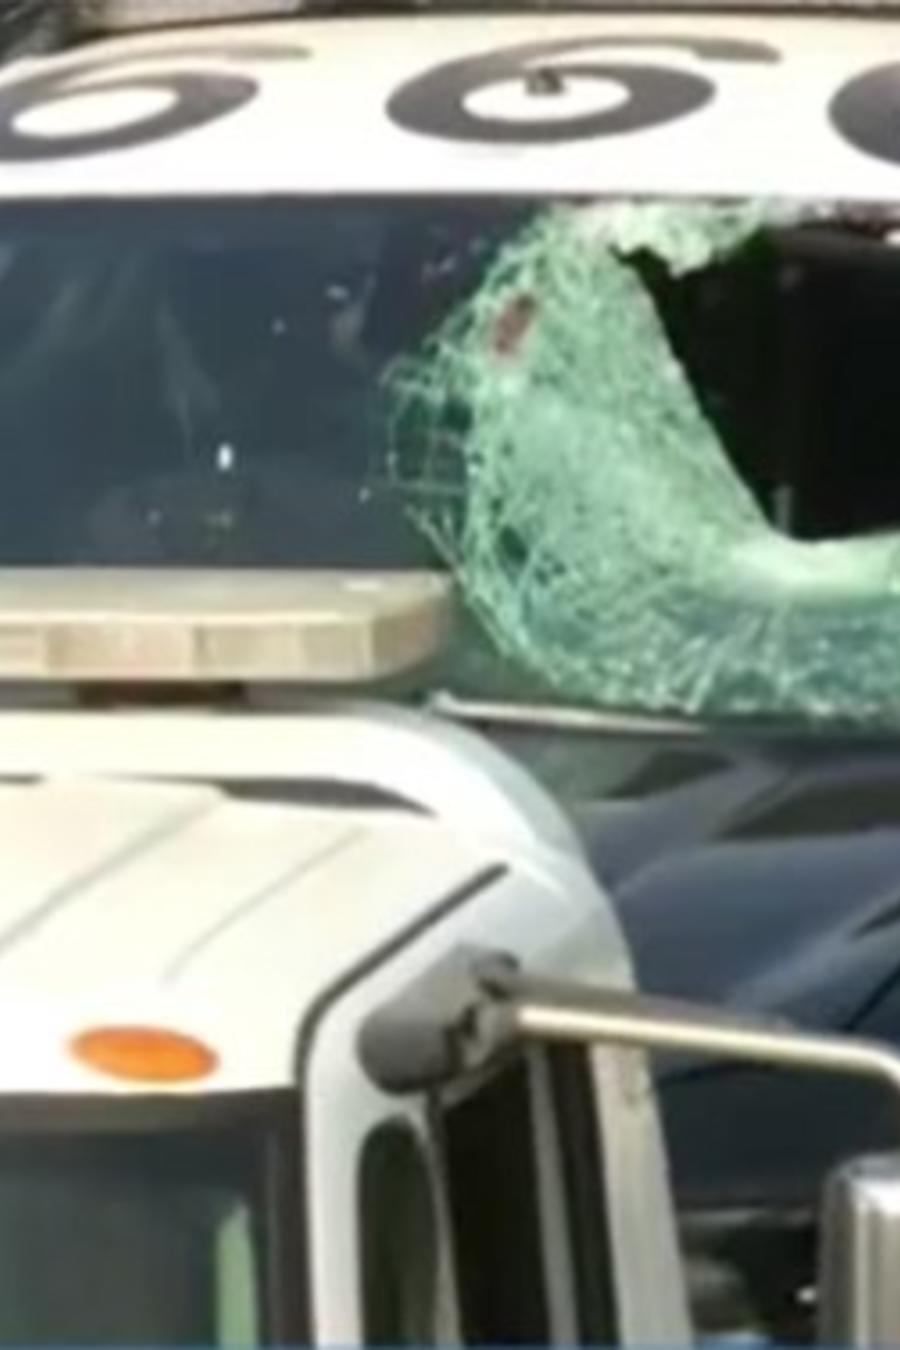 Patrulla de policía que golpeó a un peatón la madrugada de este lunes sobre la autopista 101 de Los Ángeles